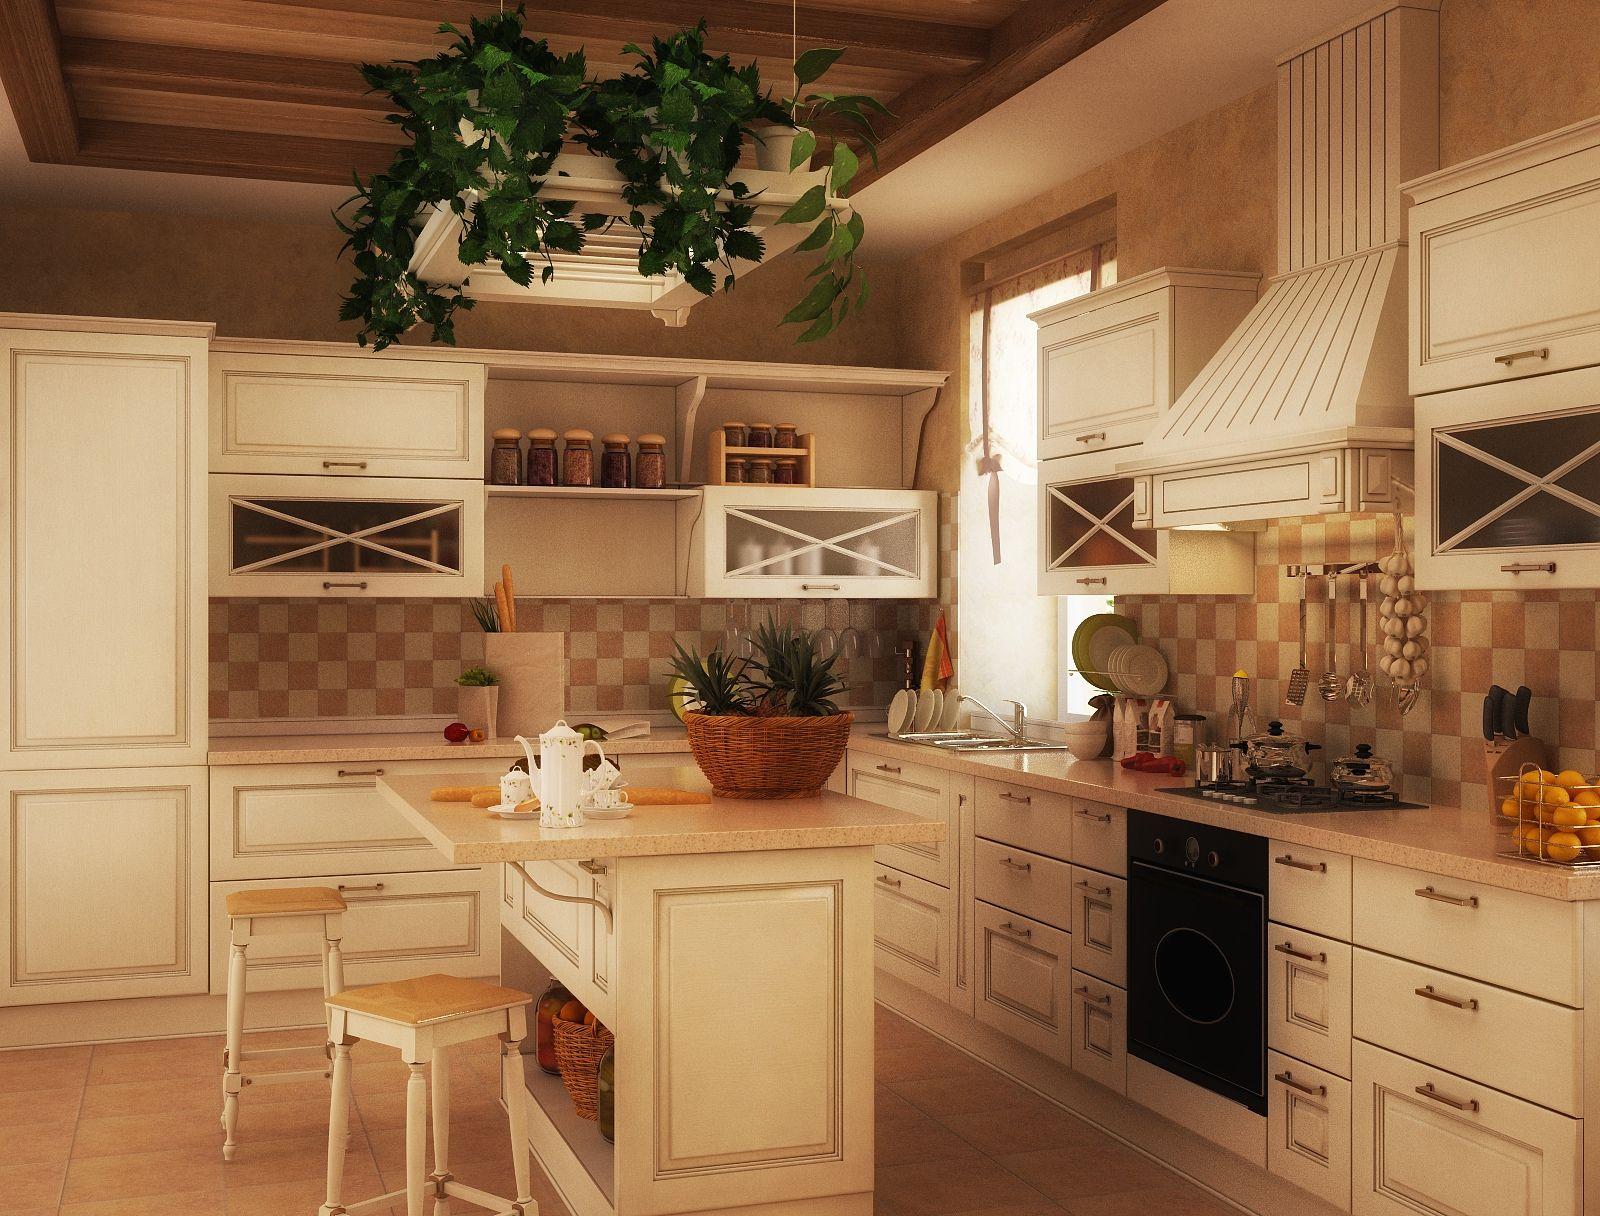 Best Kitchen Gallery: Best 11 Traditional Style Kitchen Design Ideas Old World of Kitchen Design Style Hood on rachelxblog.com